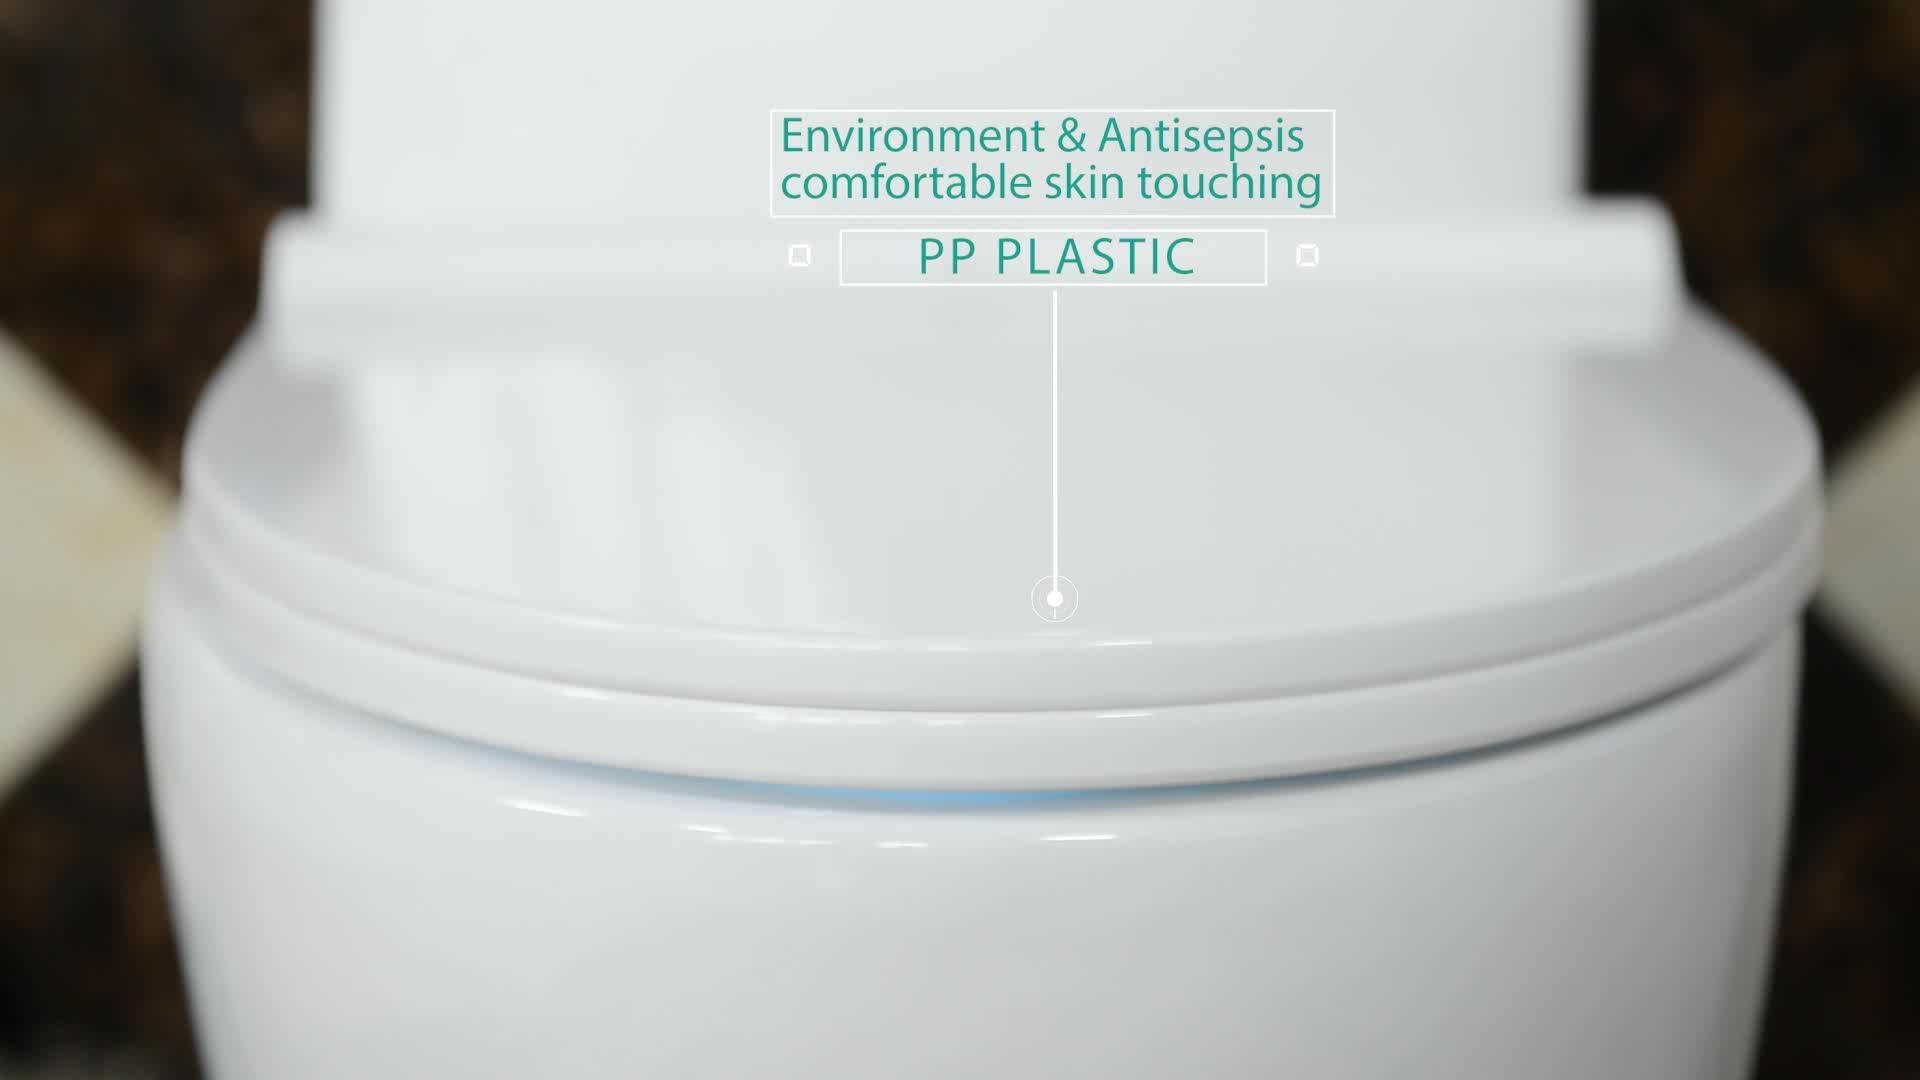 Hotselling inverno quente assento do vaso sanitário tampa instantâneo aquecida assento do vaso sanitário elétrico automático de auto-limpeza